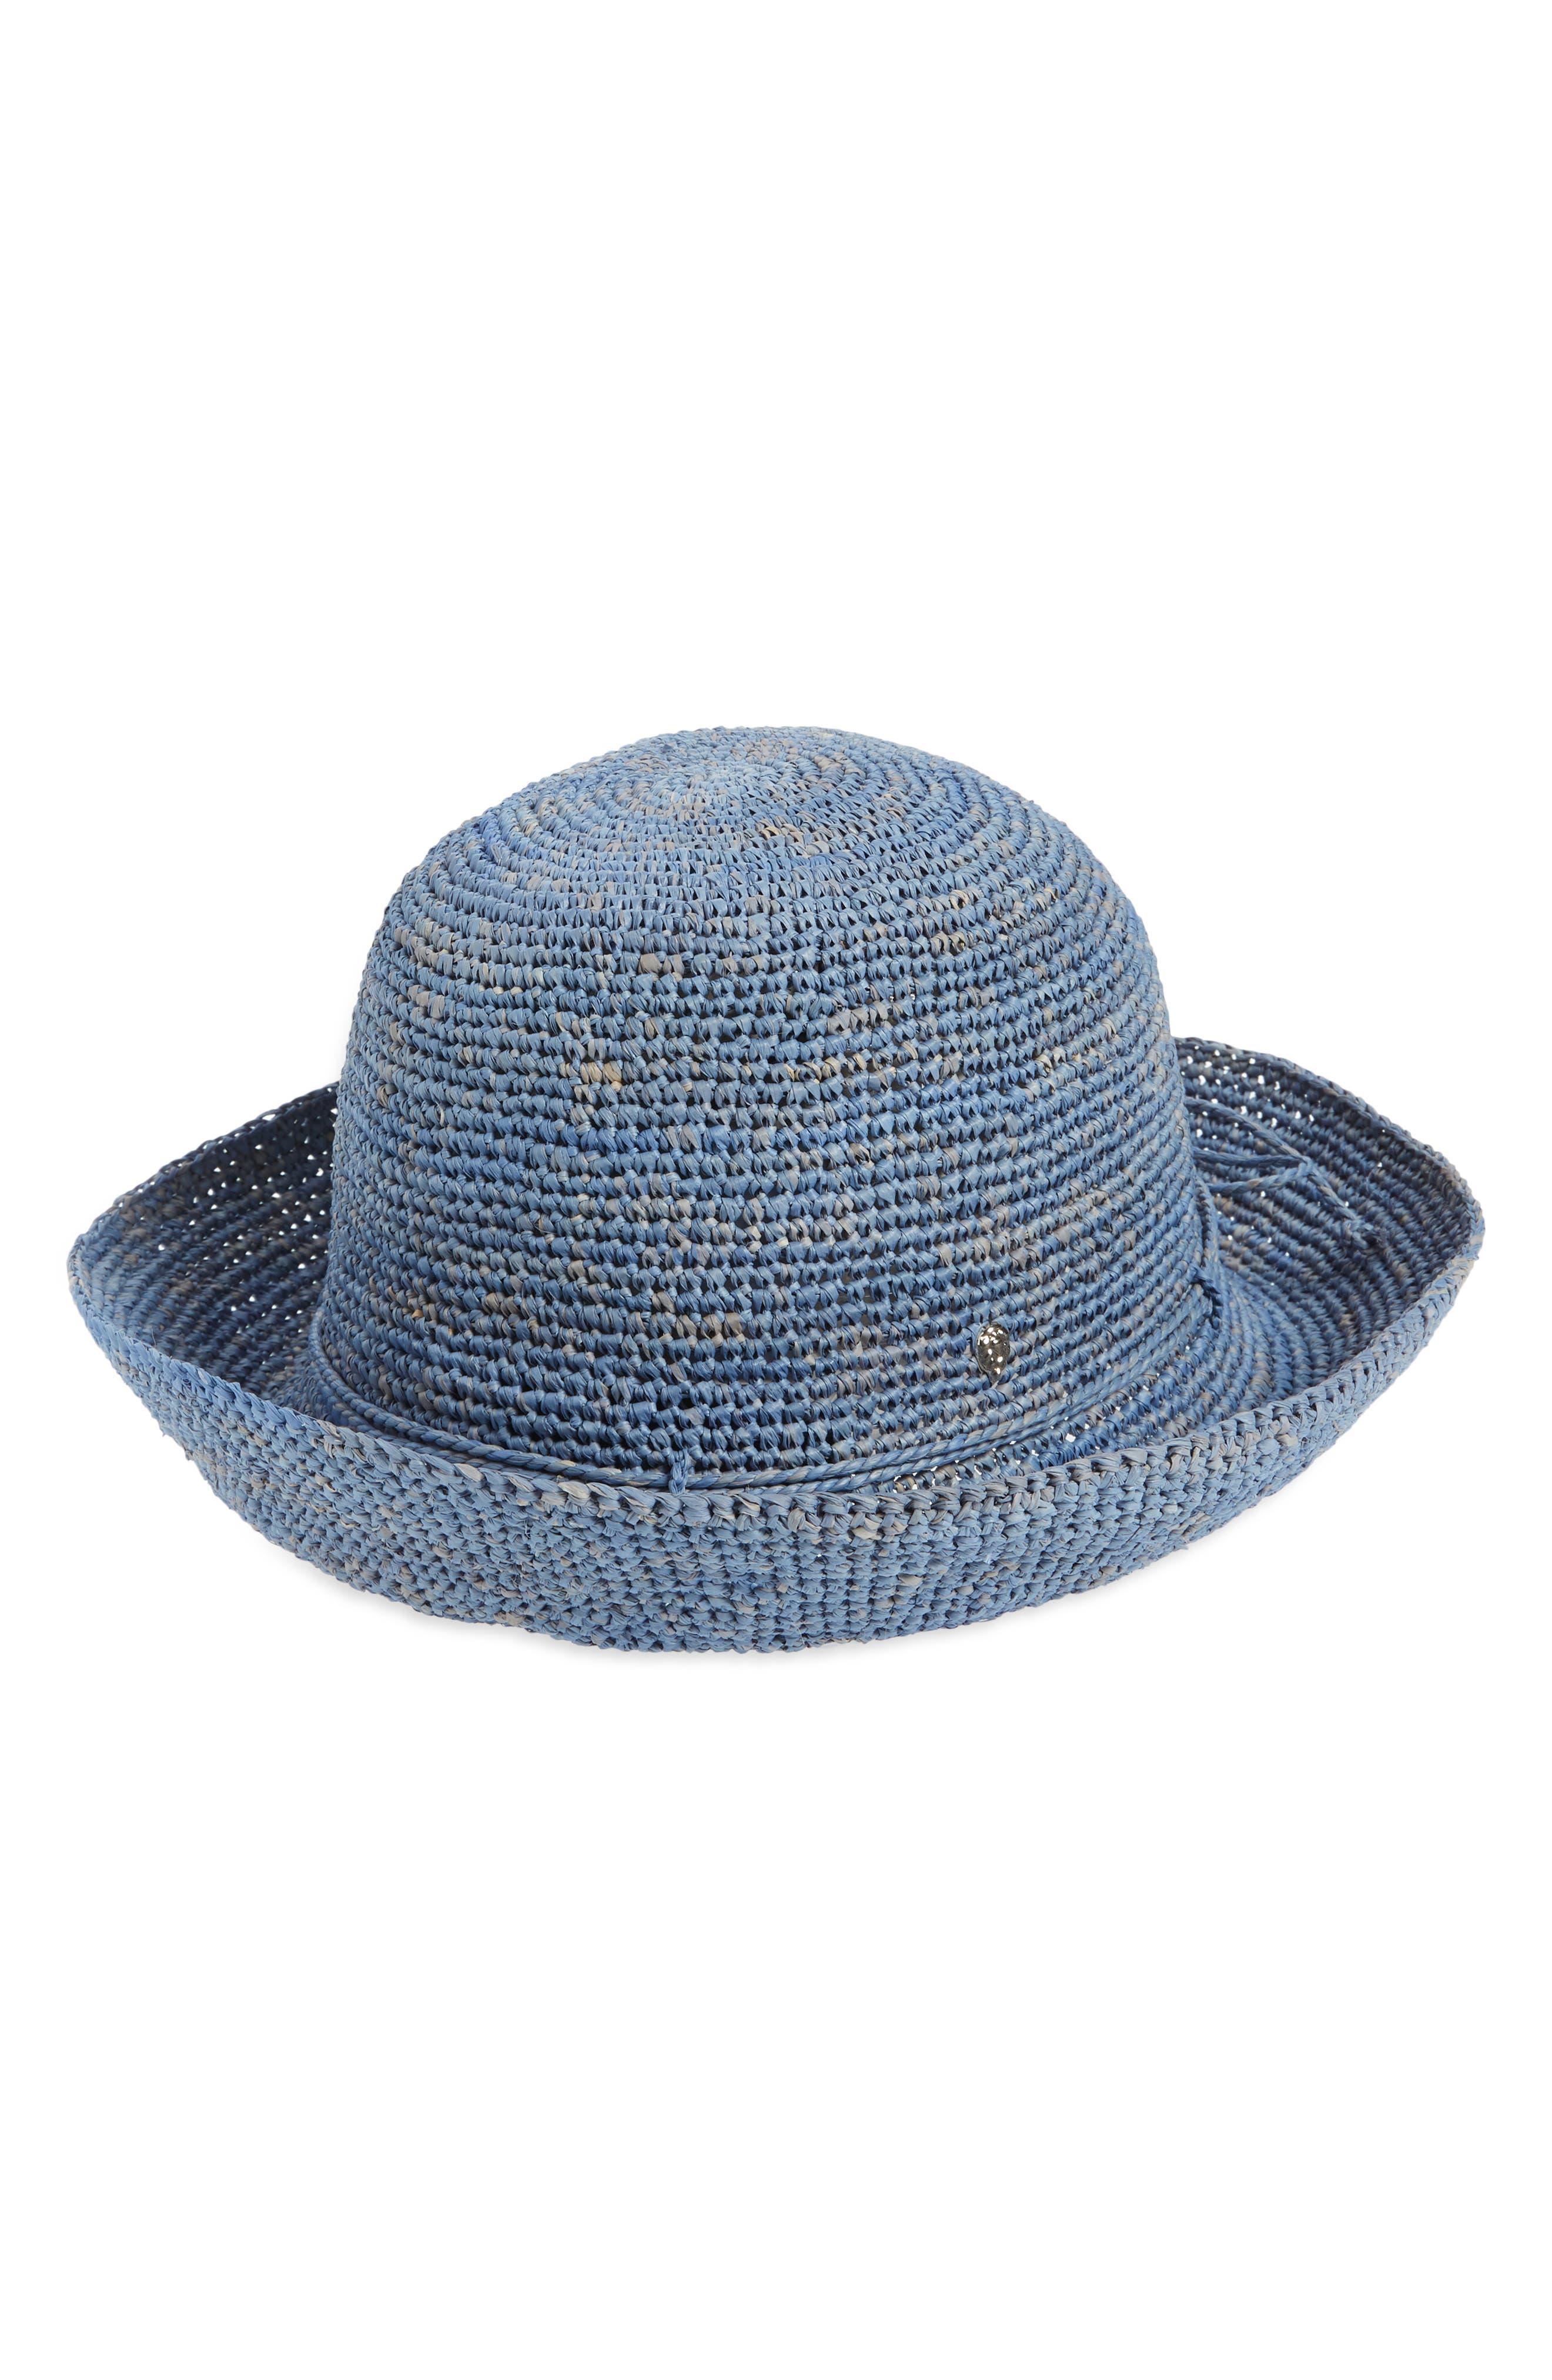 Packable Raffia Hat